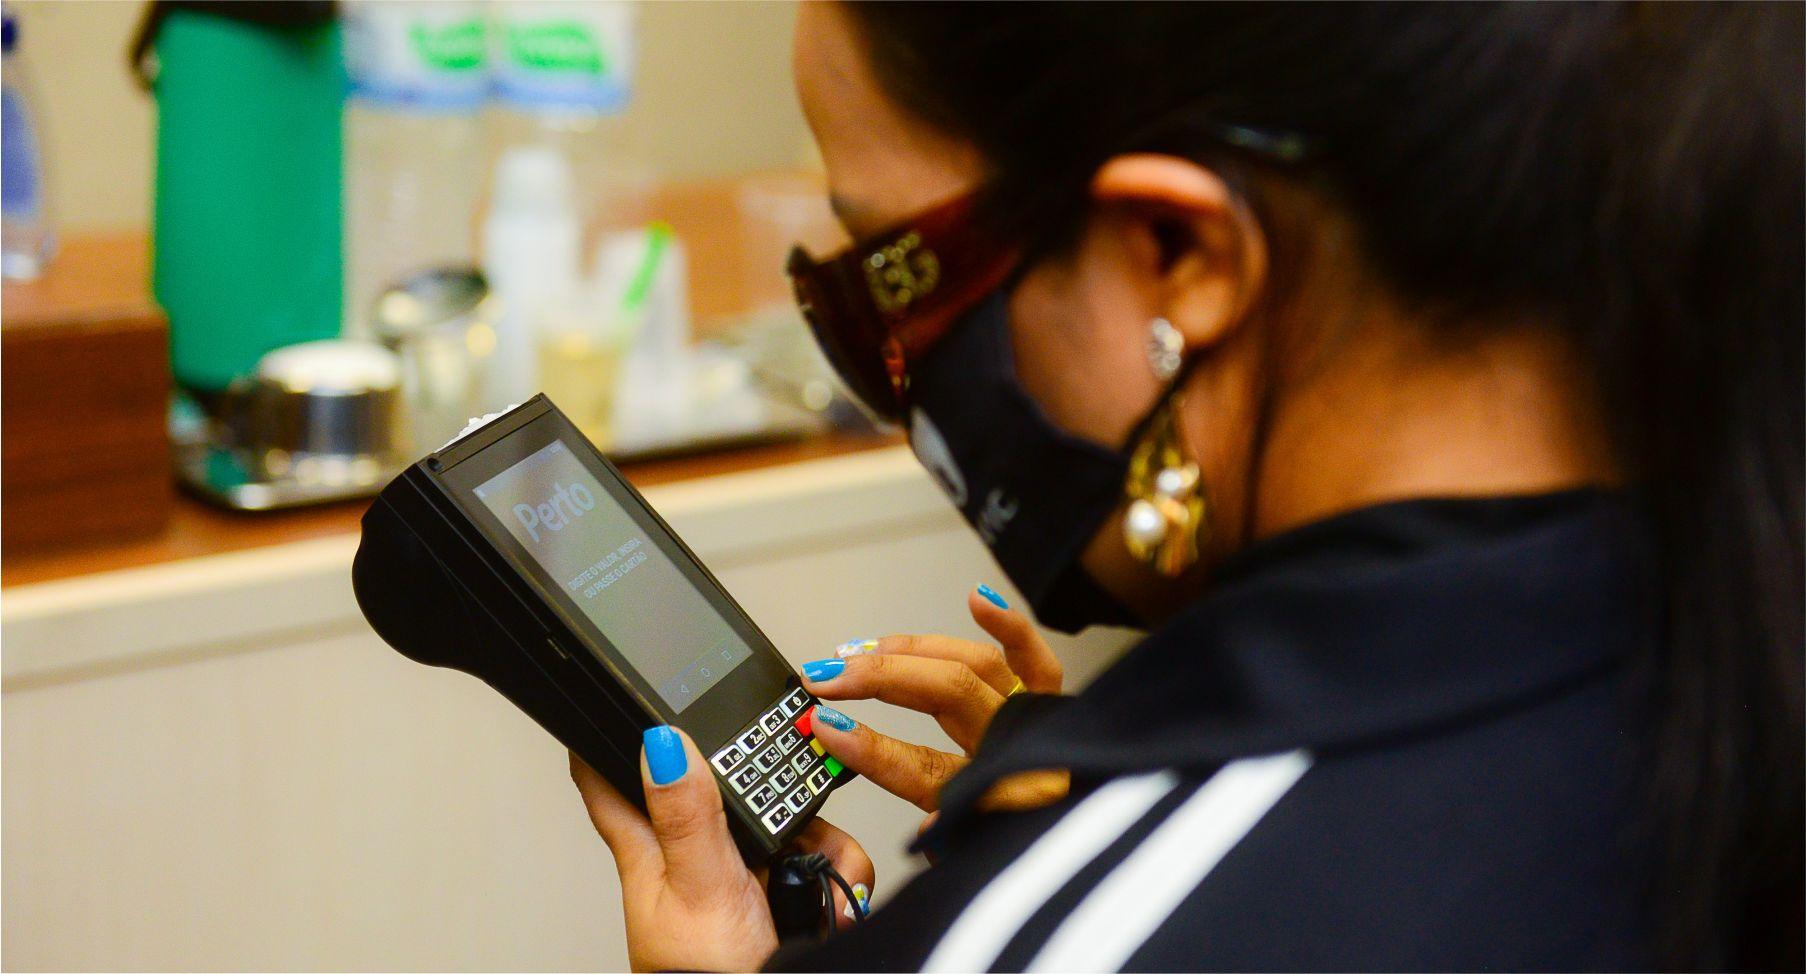 POS Veloh Smart recebe Selo ONCB de Inclusão e Acessibilidade (SOINA)